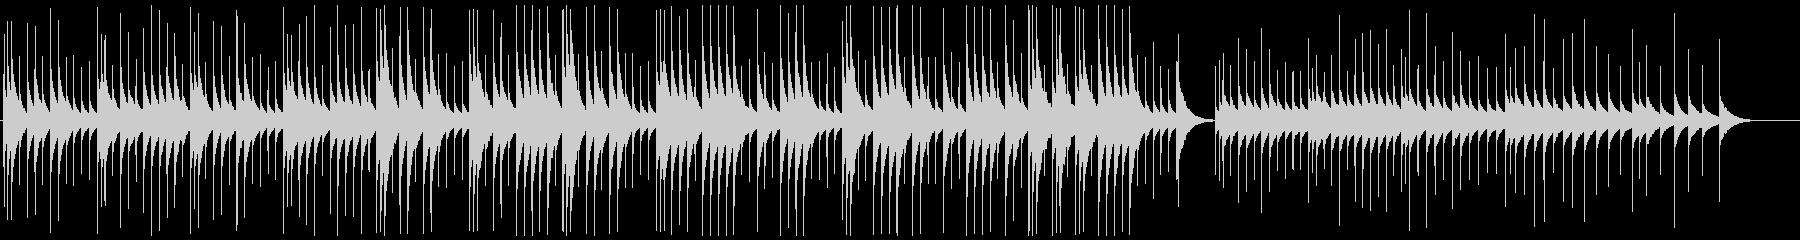 優しく安眠できるオルゴールミュージックの未再生の波形